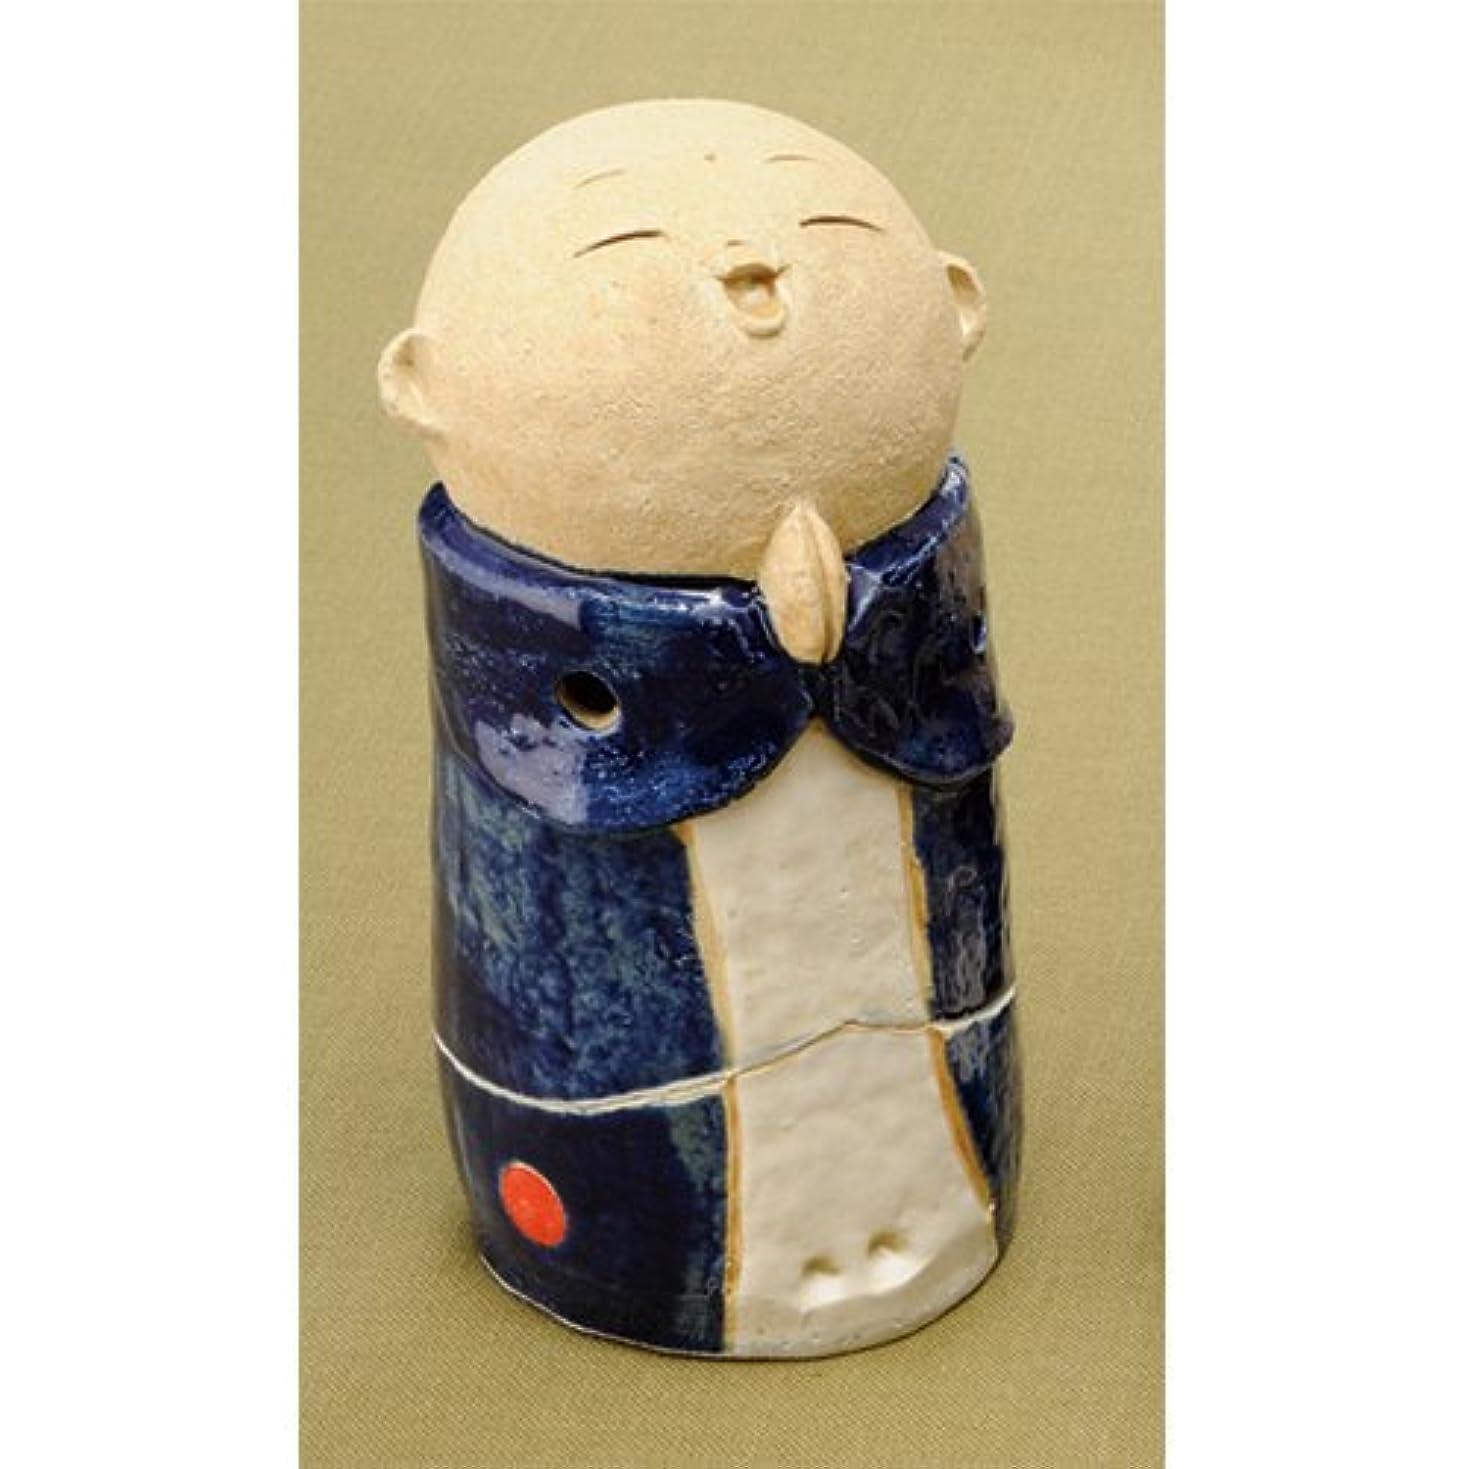 お地蔵様 香炉シリーズ 青 お地蔵様 香炉 5.3寸(大) [H16cm] HANDMADE プレゼント ギフト 和食器 かわいい インテリア